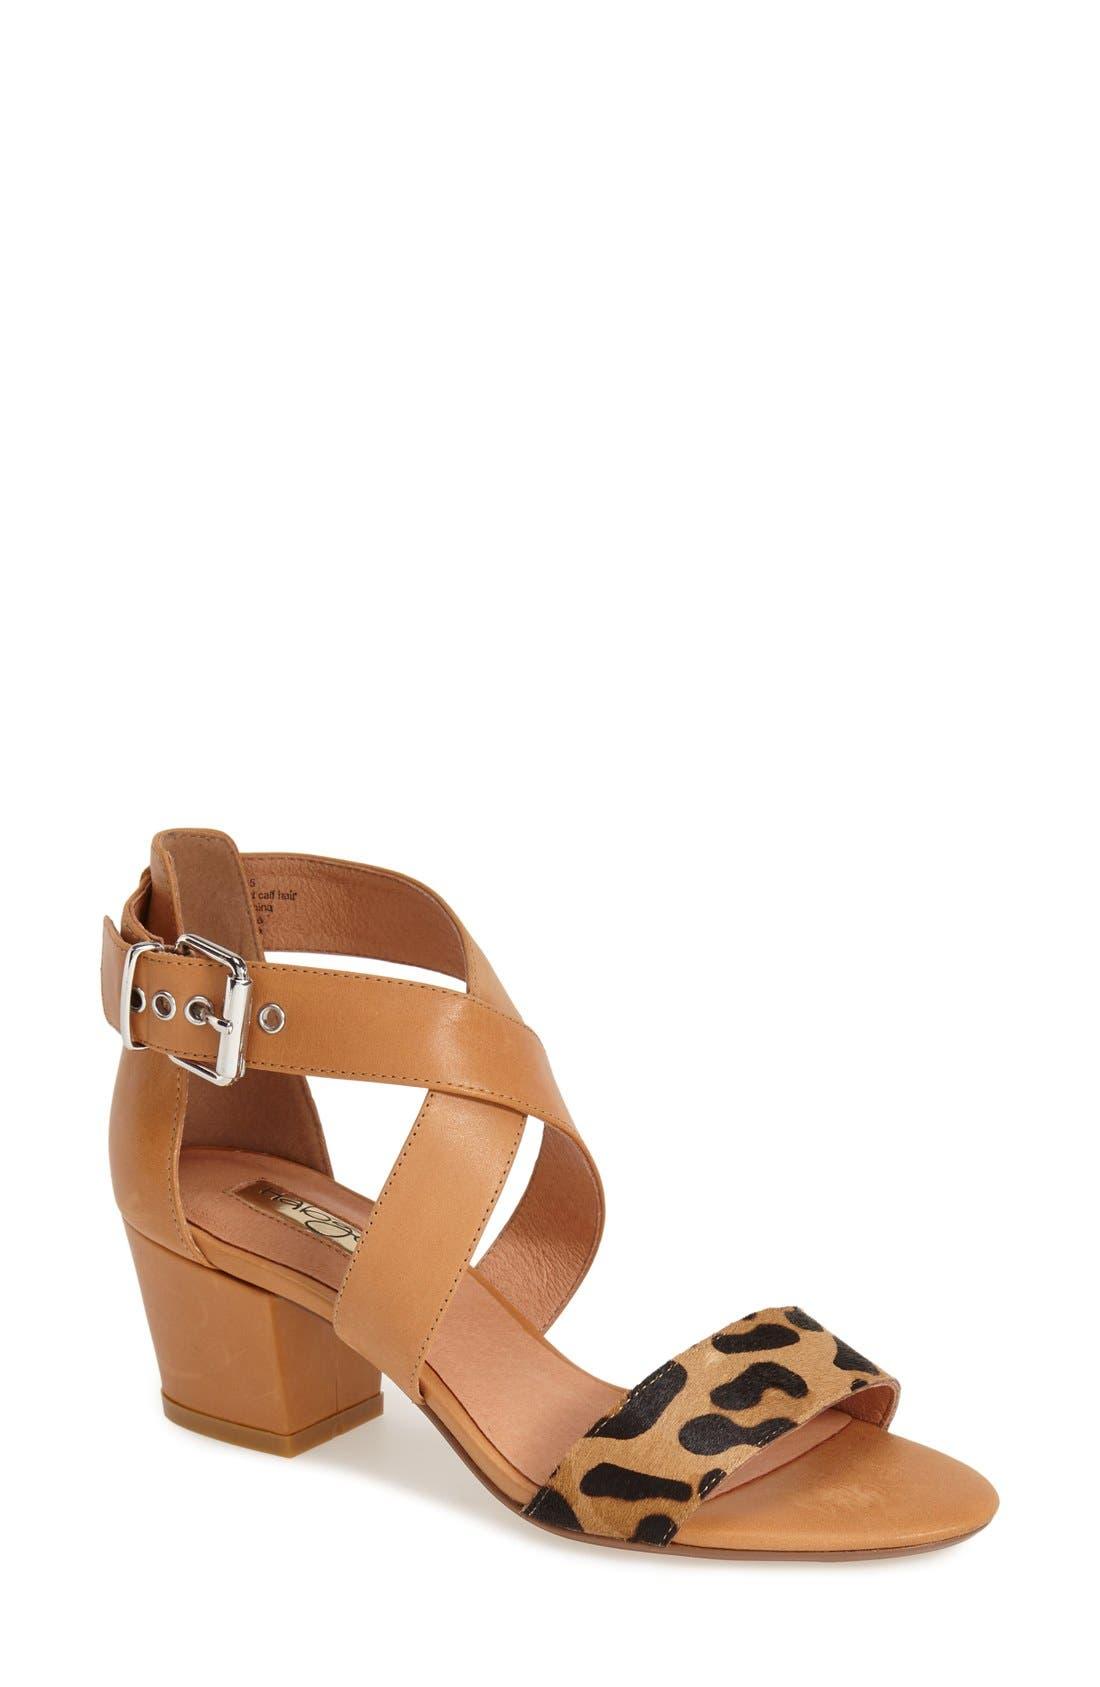 Alternate Image 1 Selected - Halogen 'Rena' Crisscross Strap Sandal (Women)